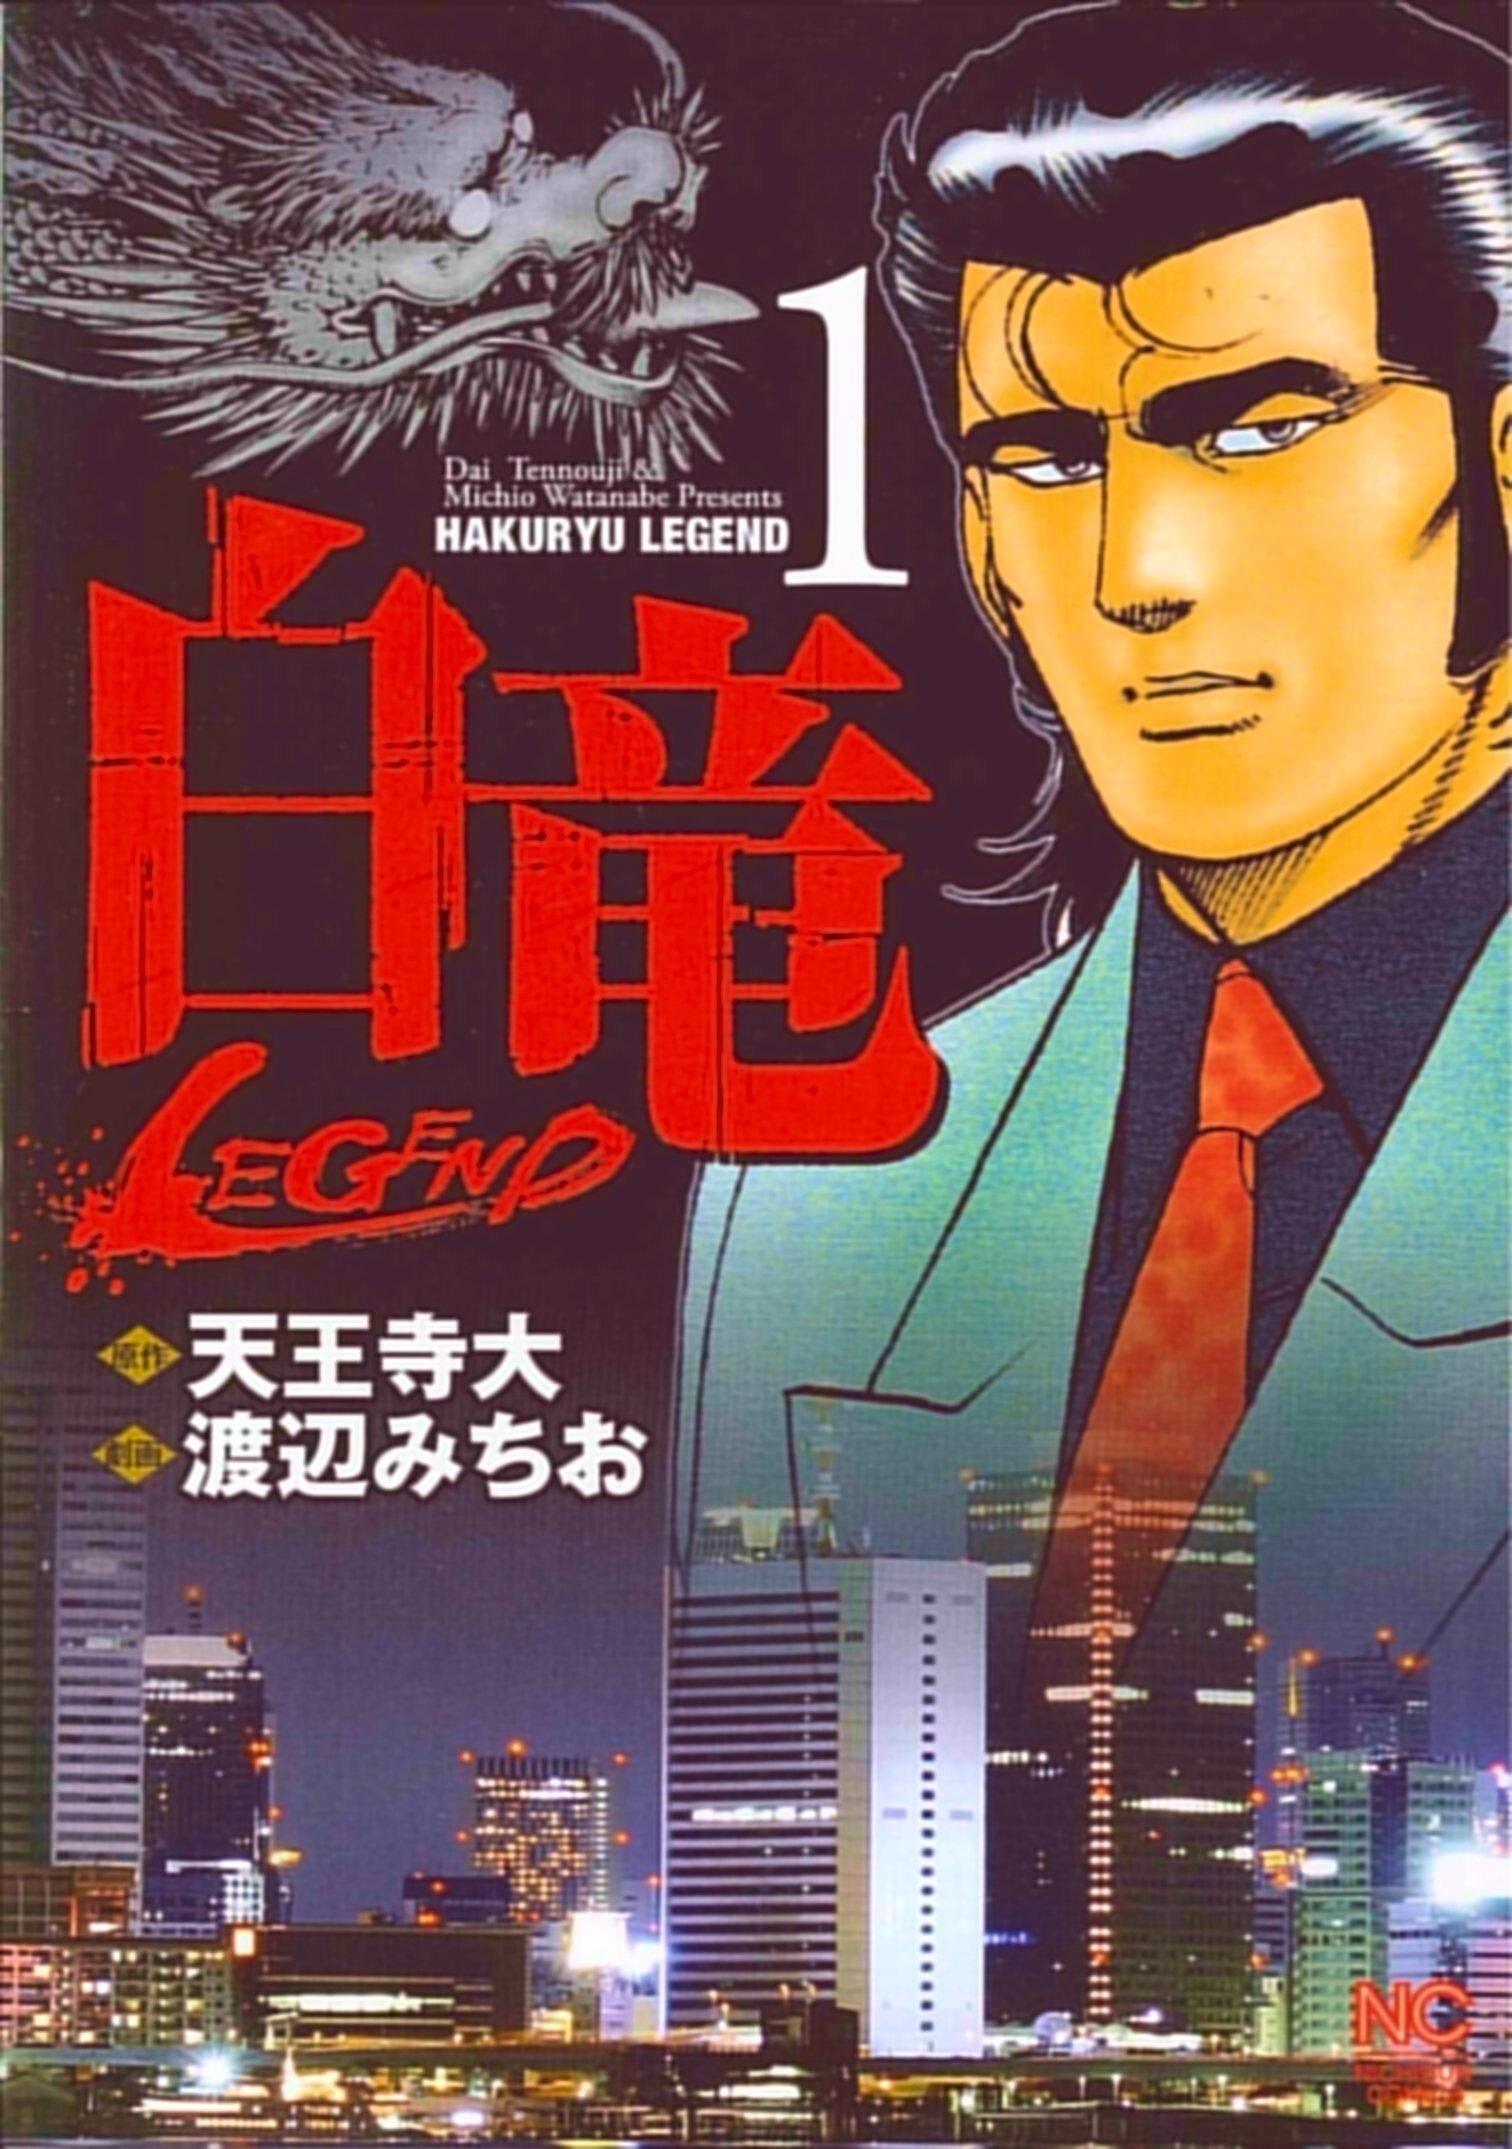 天王寺大『白竜 LEGEND』ニチブンコミックス